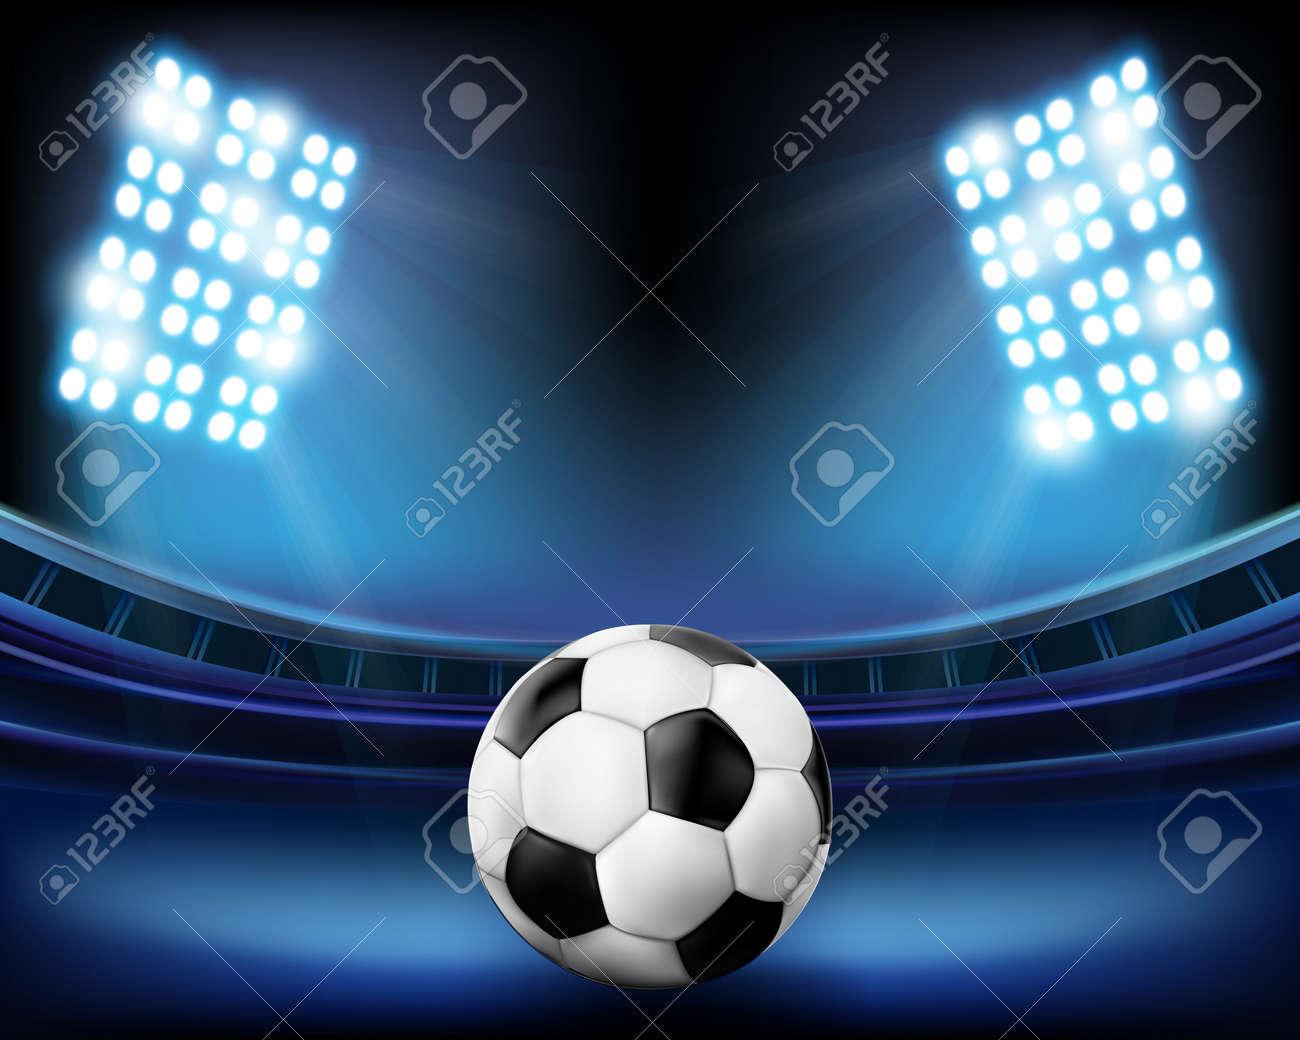 Football on the stadium. Vector illustration. Stock Vector - 12486563